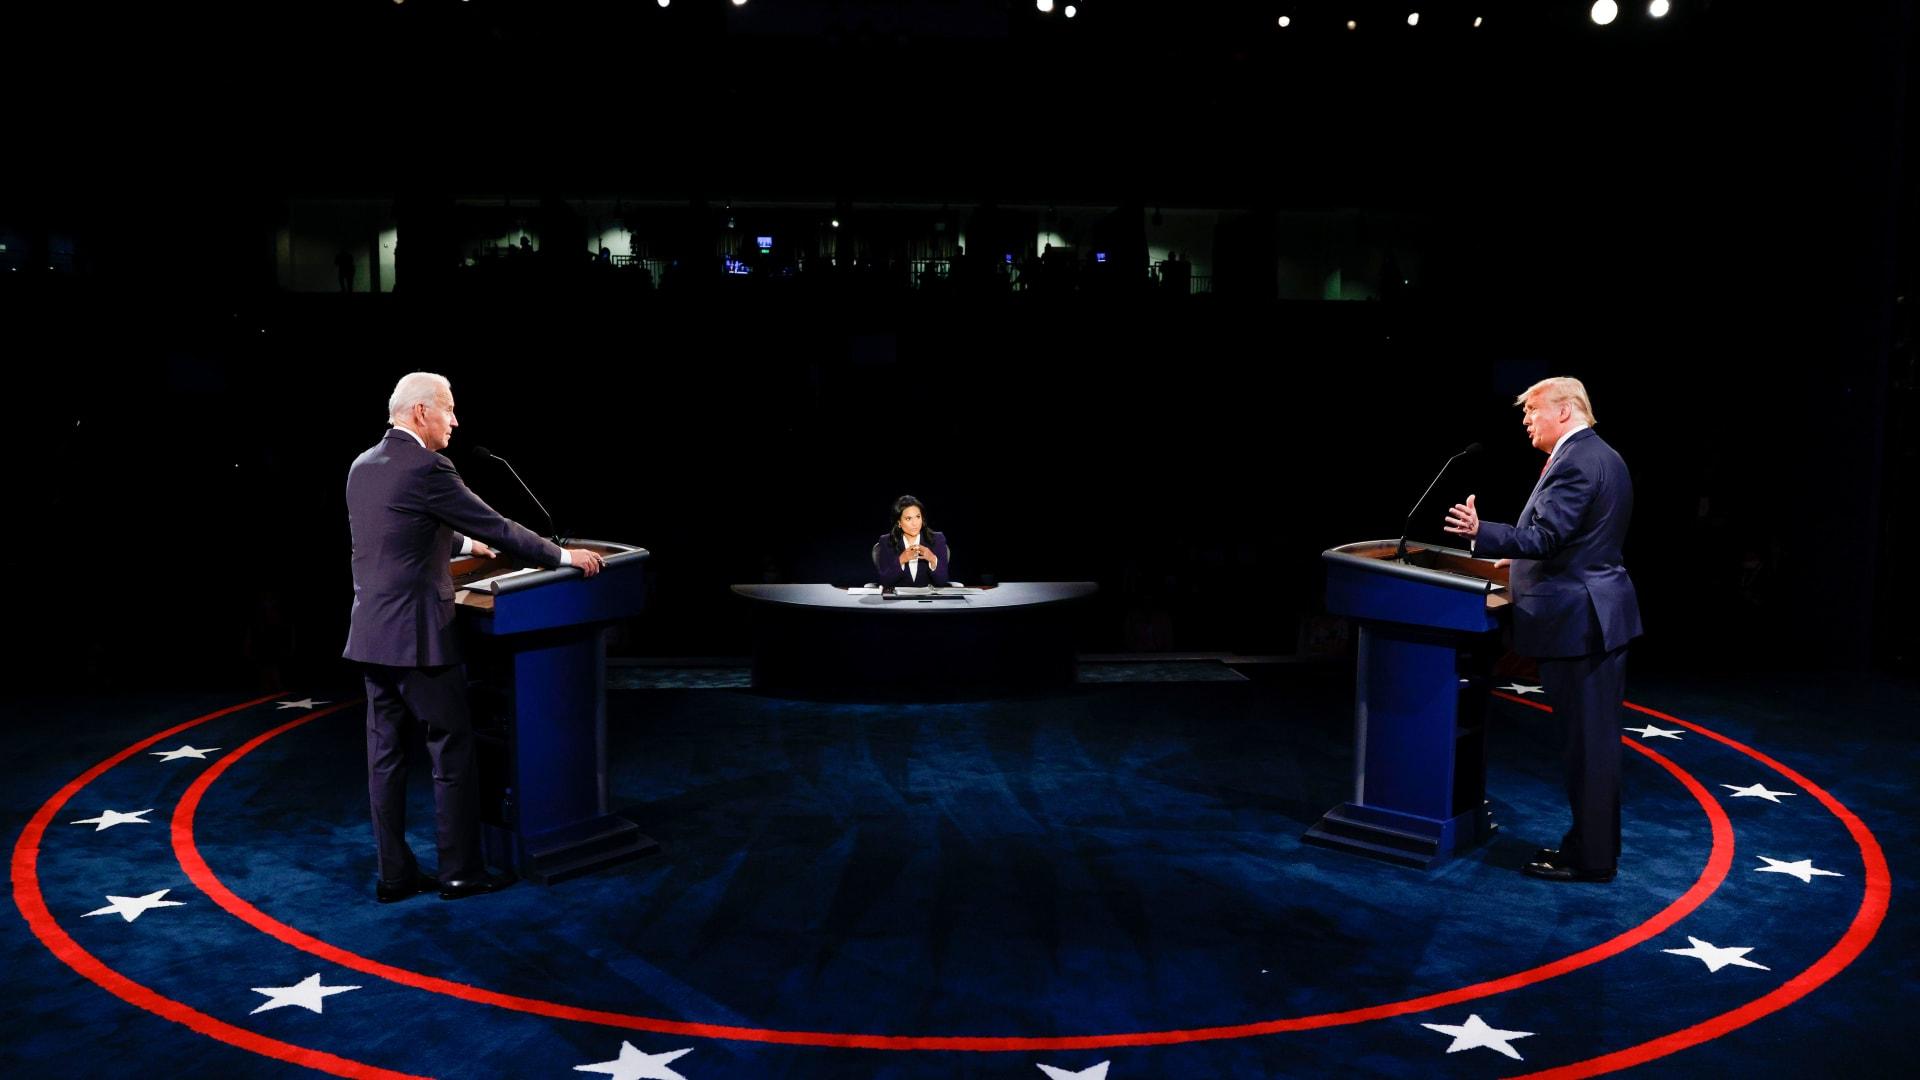 ما سبب تغير نتائج الانتخابات الأمريكية 2020 بشكل مفاجىء؟